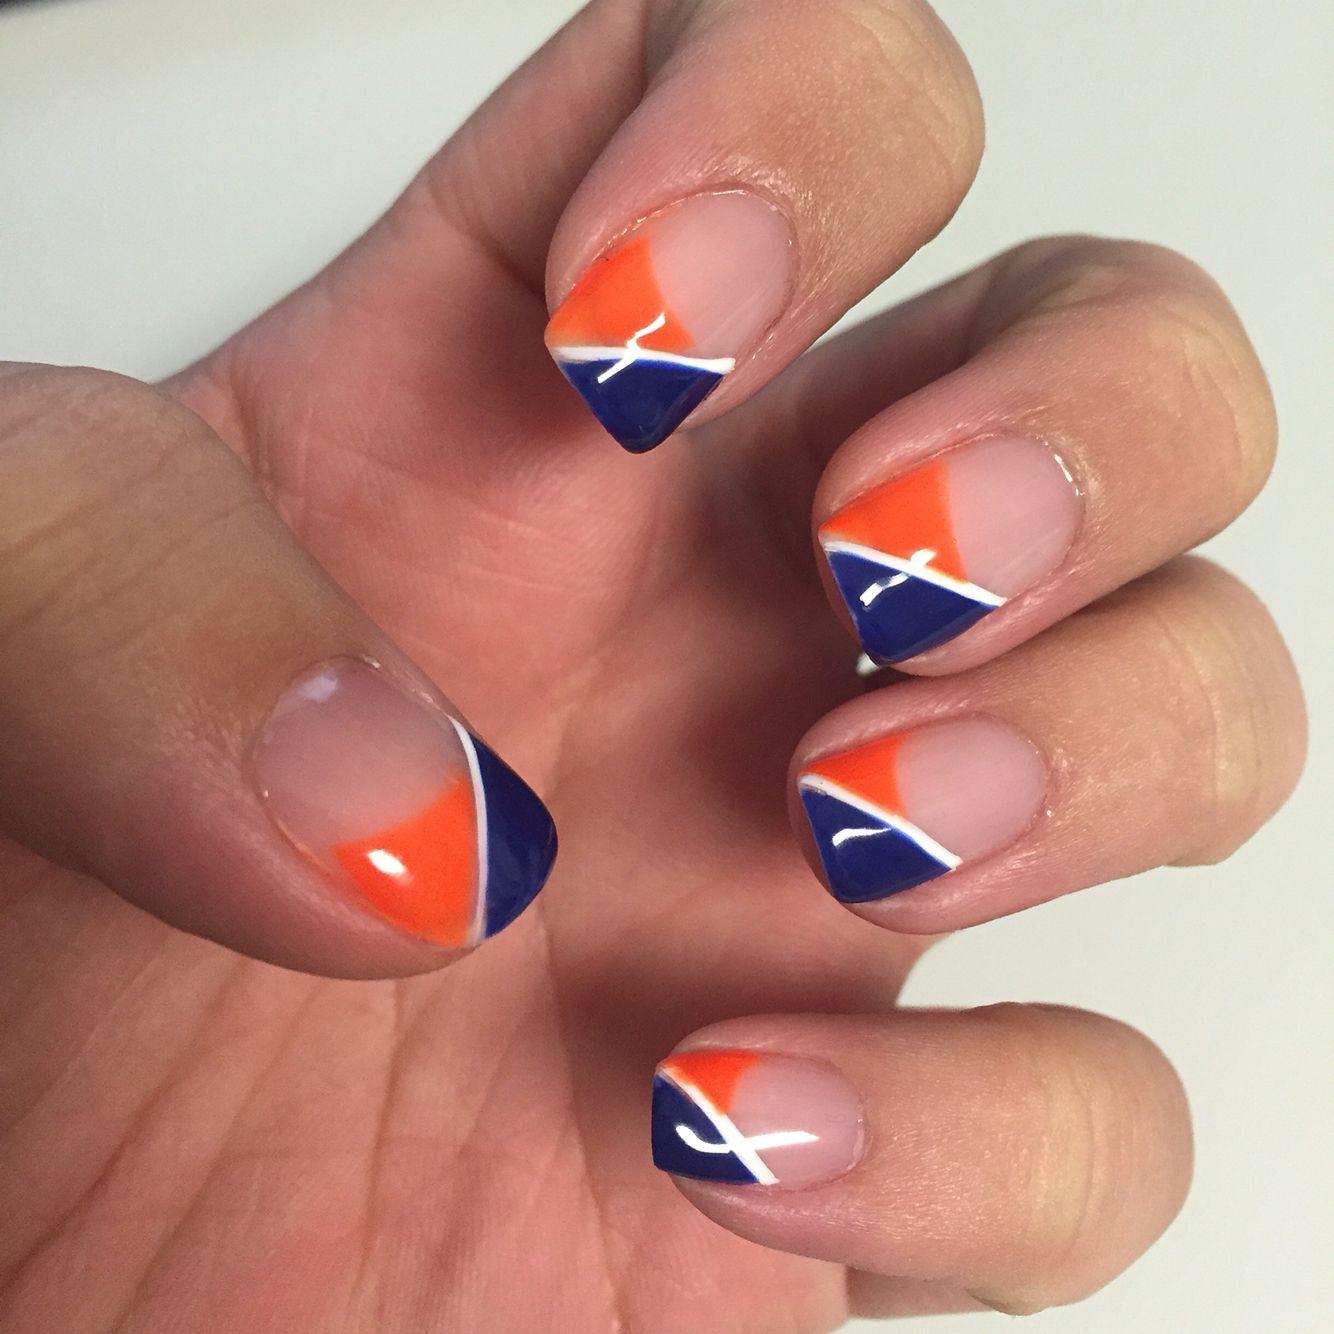 Denver Broncos Nails #BroncosCountry | My Denver Broncos Nails ...